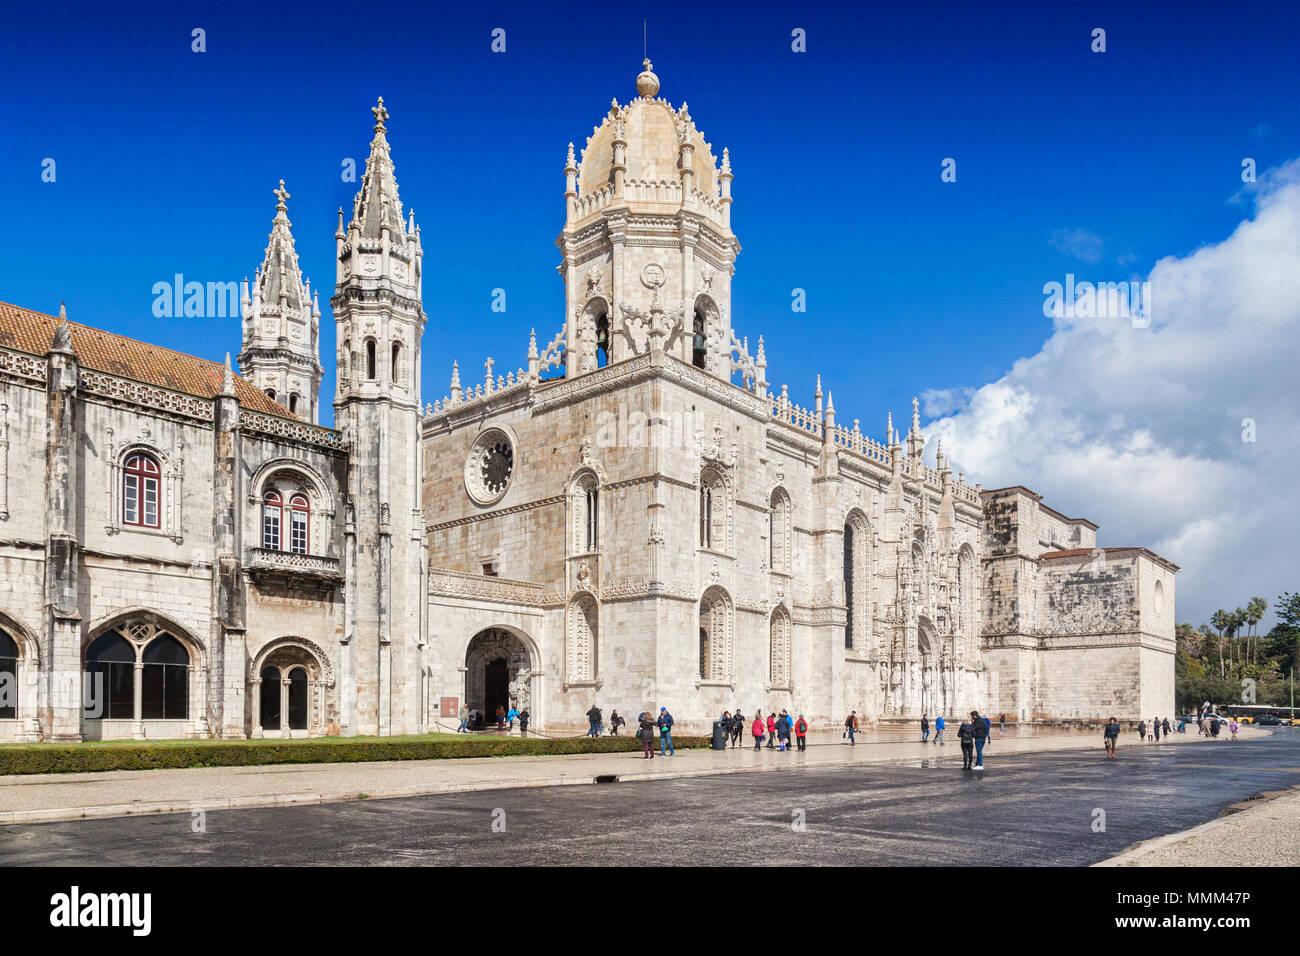 Vom 5. März 2018: Lissabon, Portugal - Touristen, der frühe Frühling Sonnenschein an Kloster Jeronimos, Belem. Stockbild